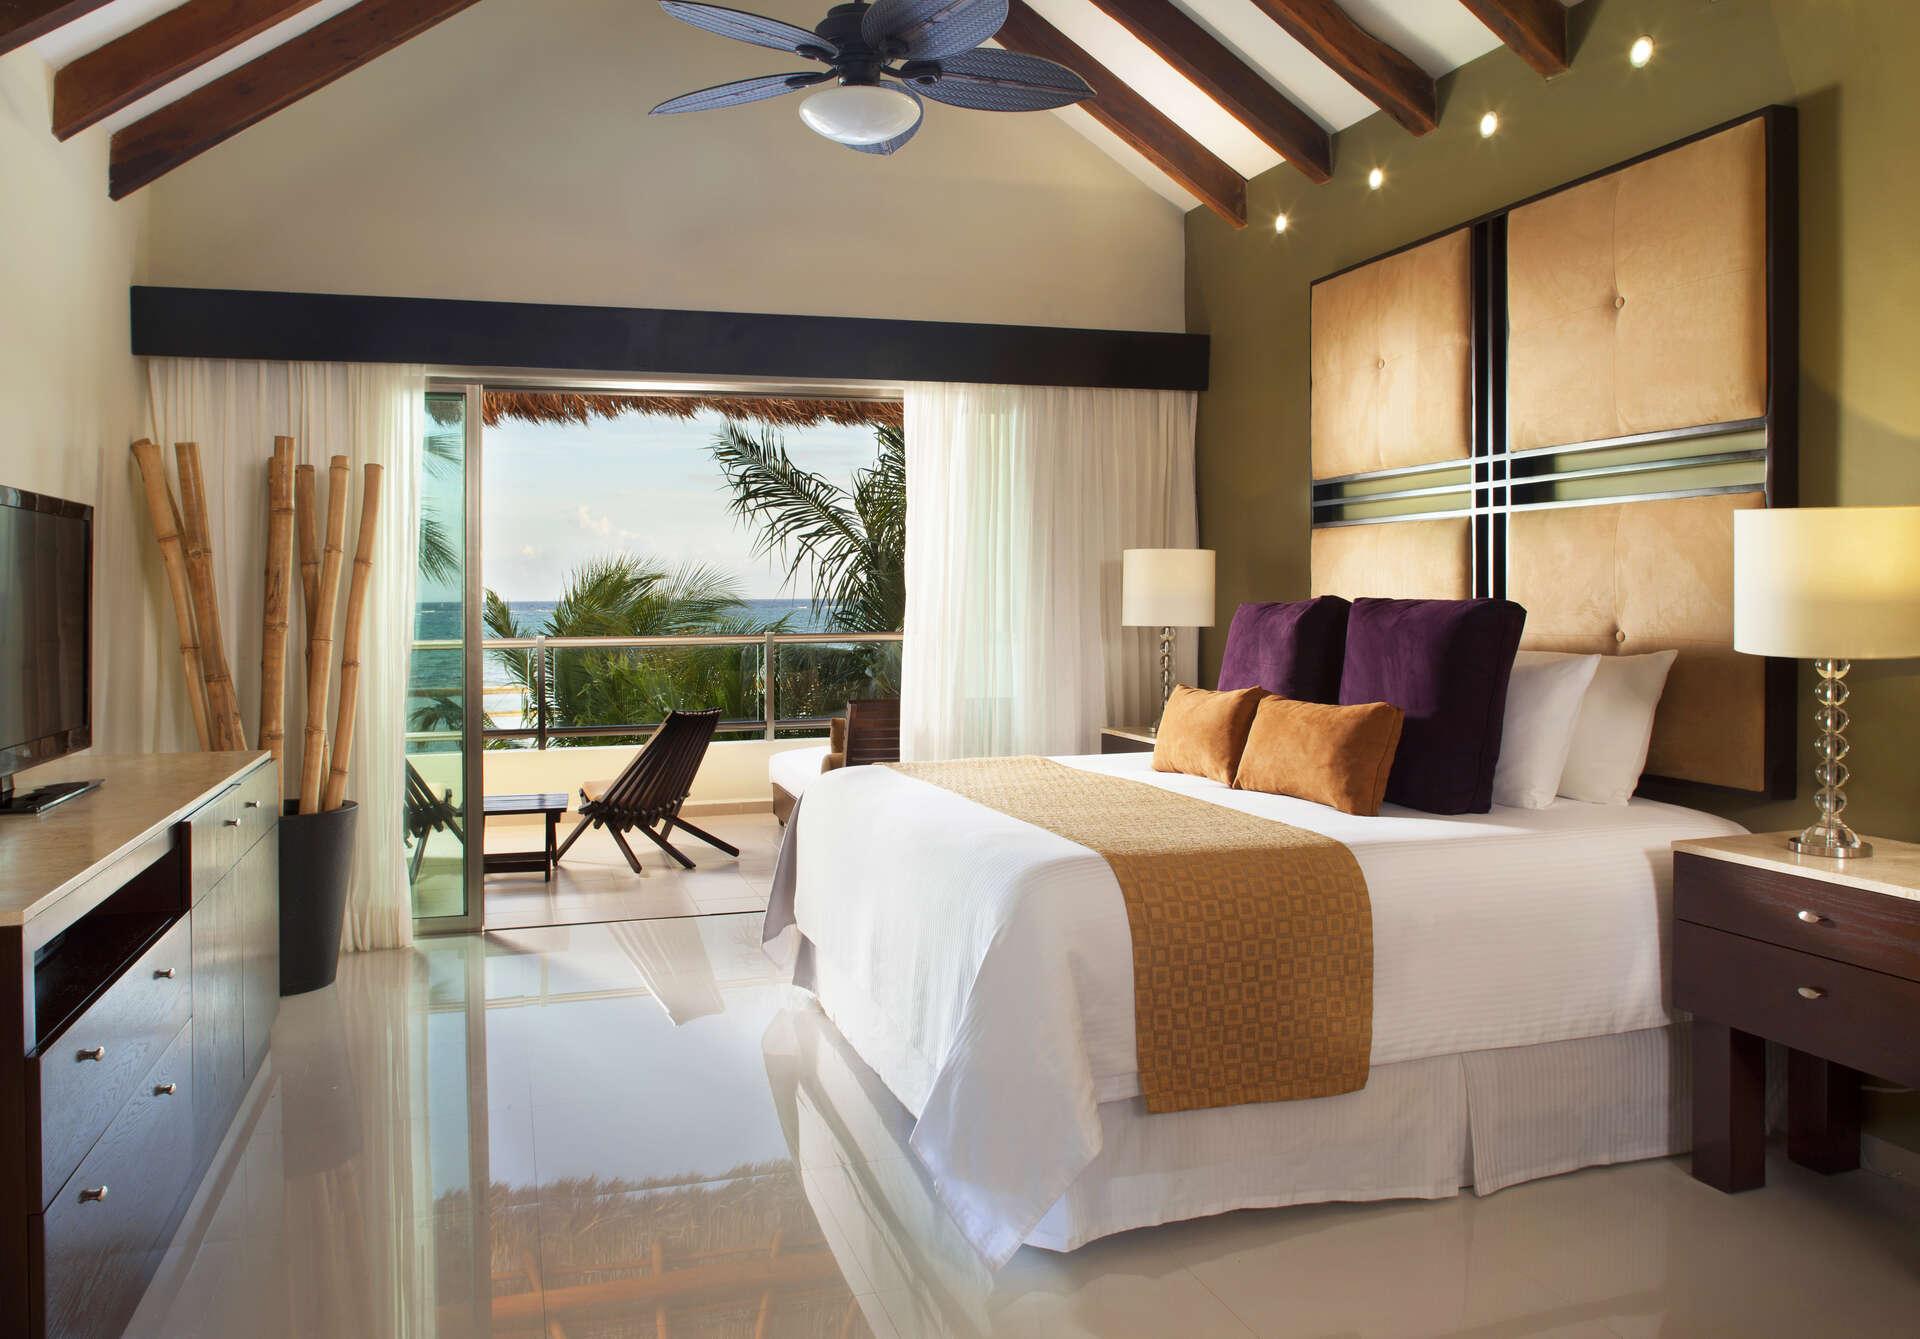 - Honeymoon Villa - Image 1/15